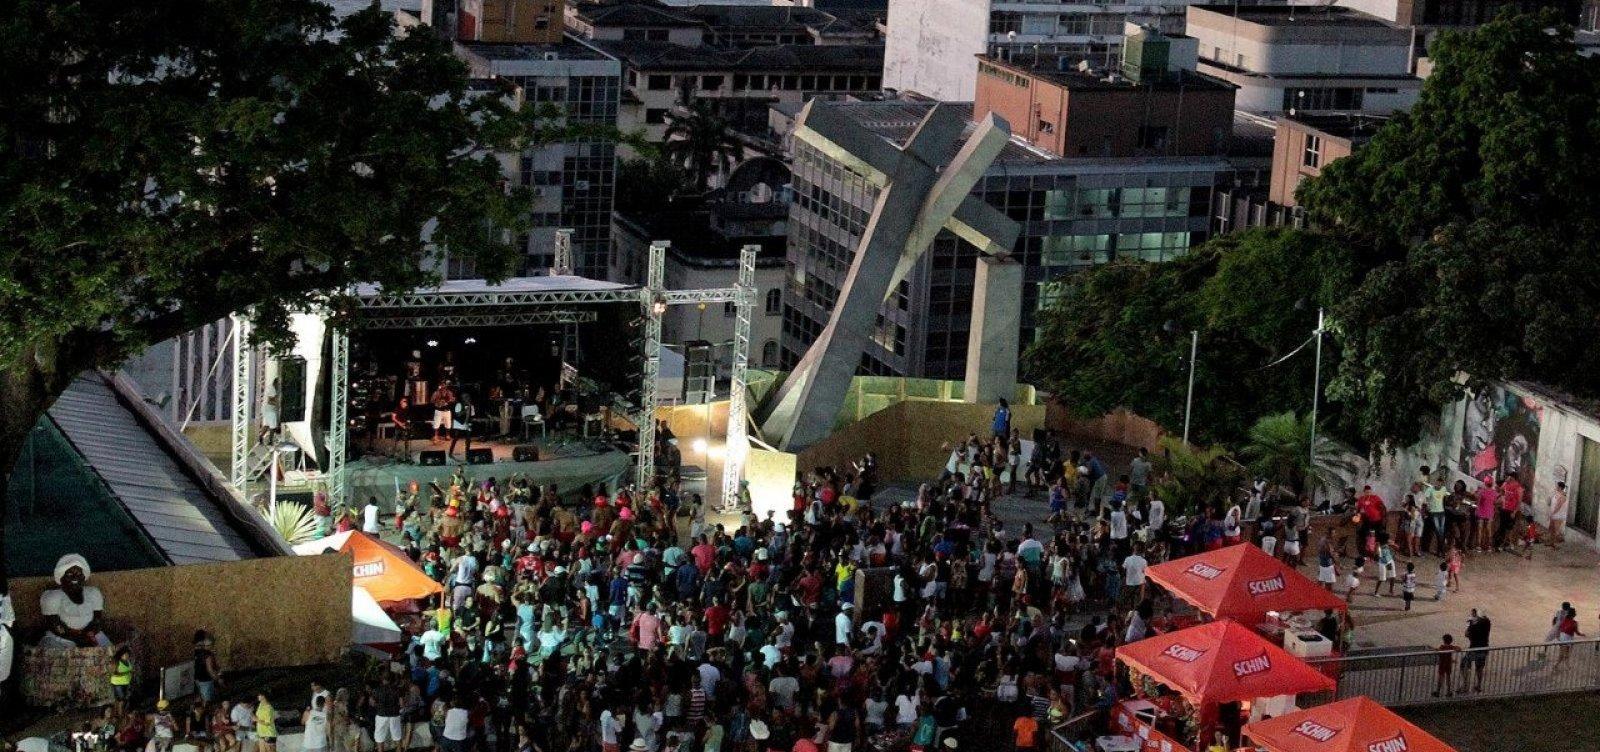 Rivais, Alckmin e Boulos farão comícios simultâneos no Centro Histórico; PM reforça segurança